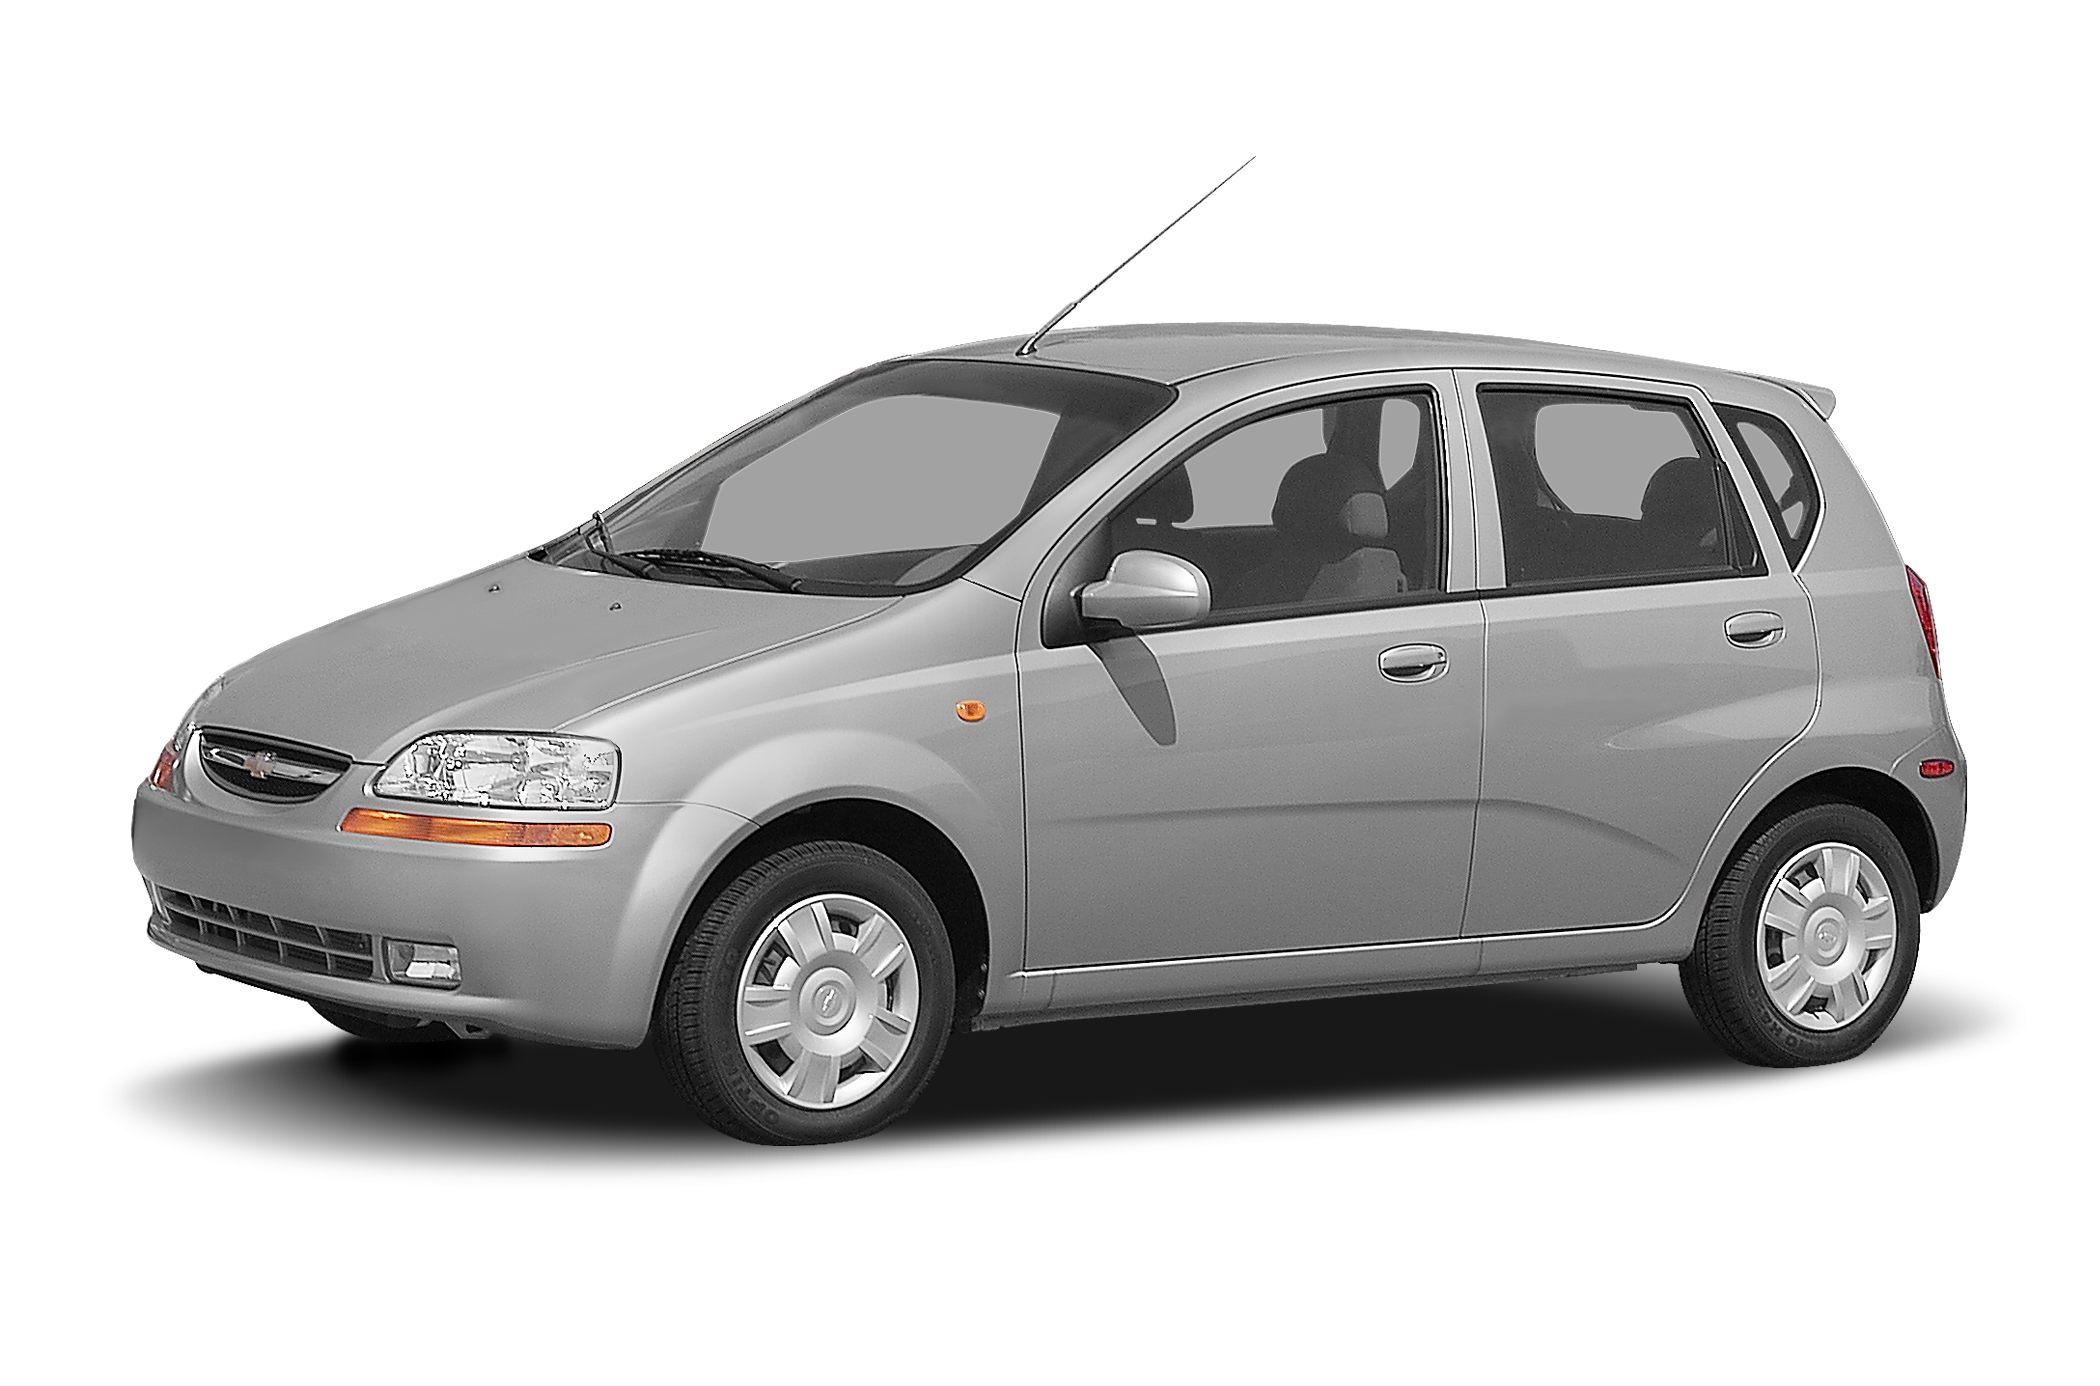 2008 Chevrolet Aveo 5